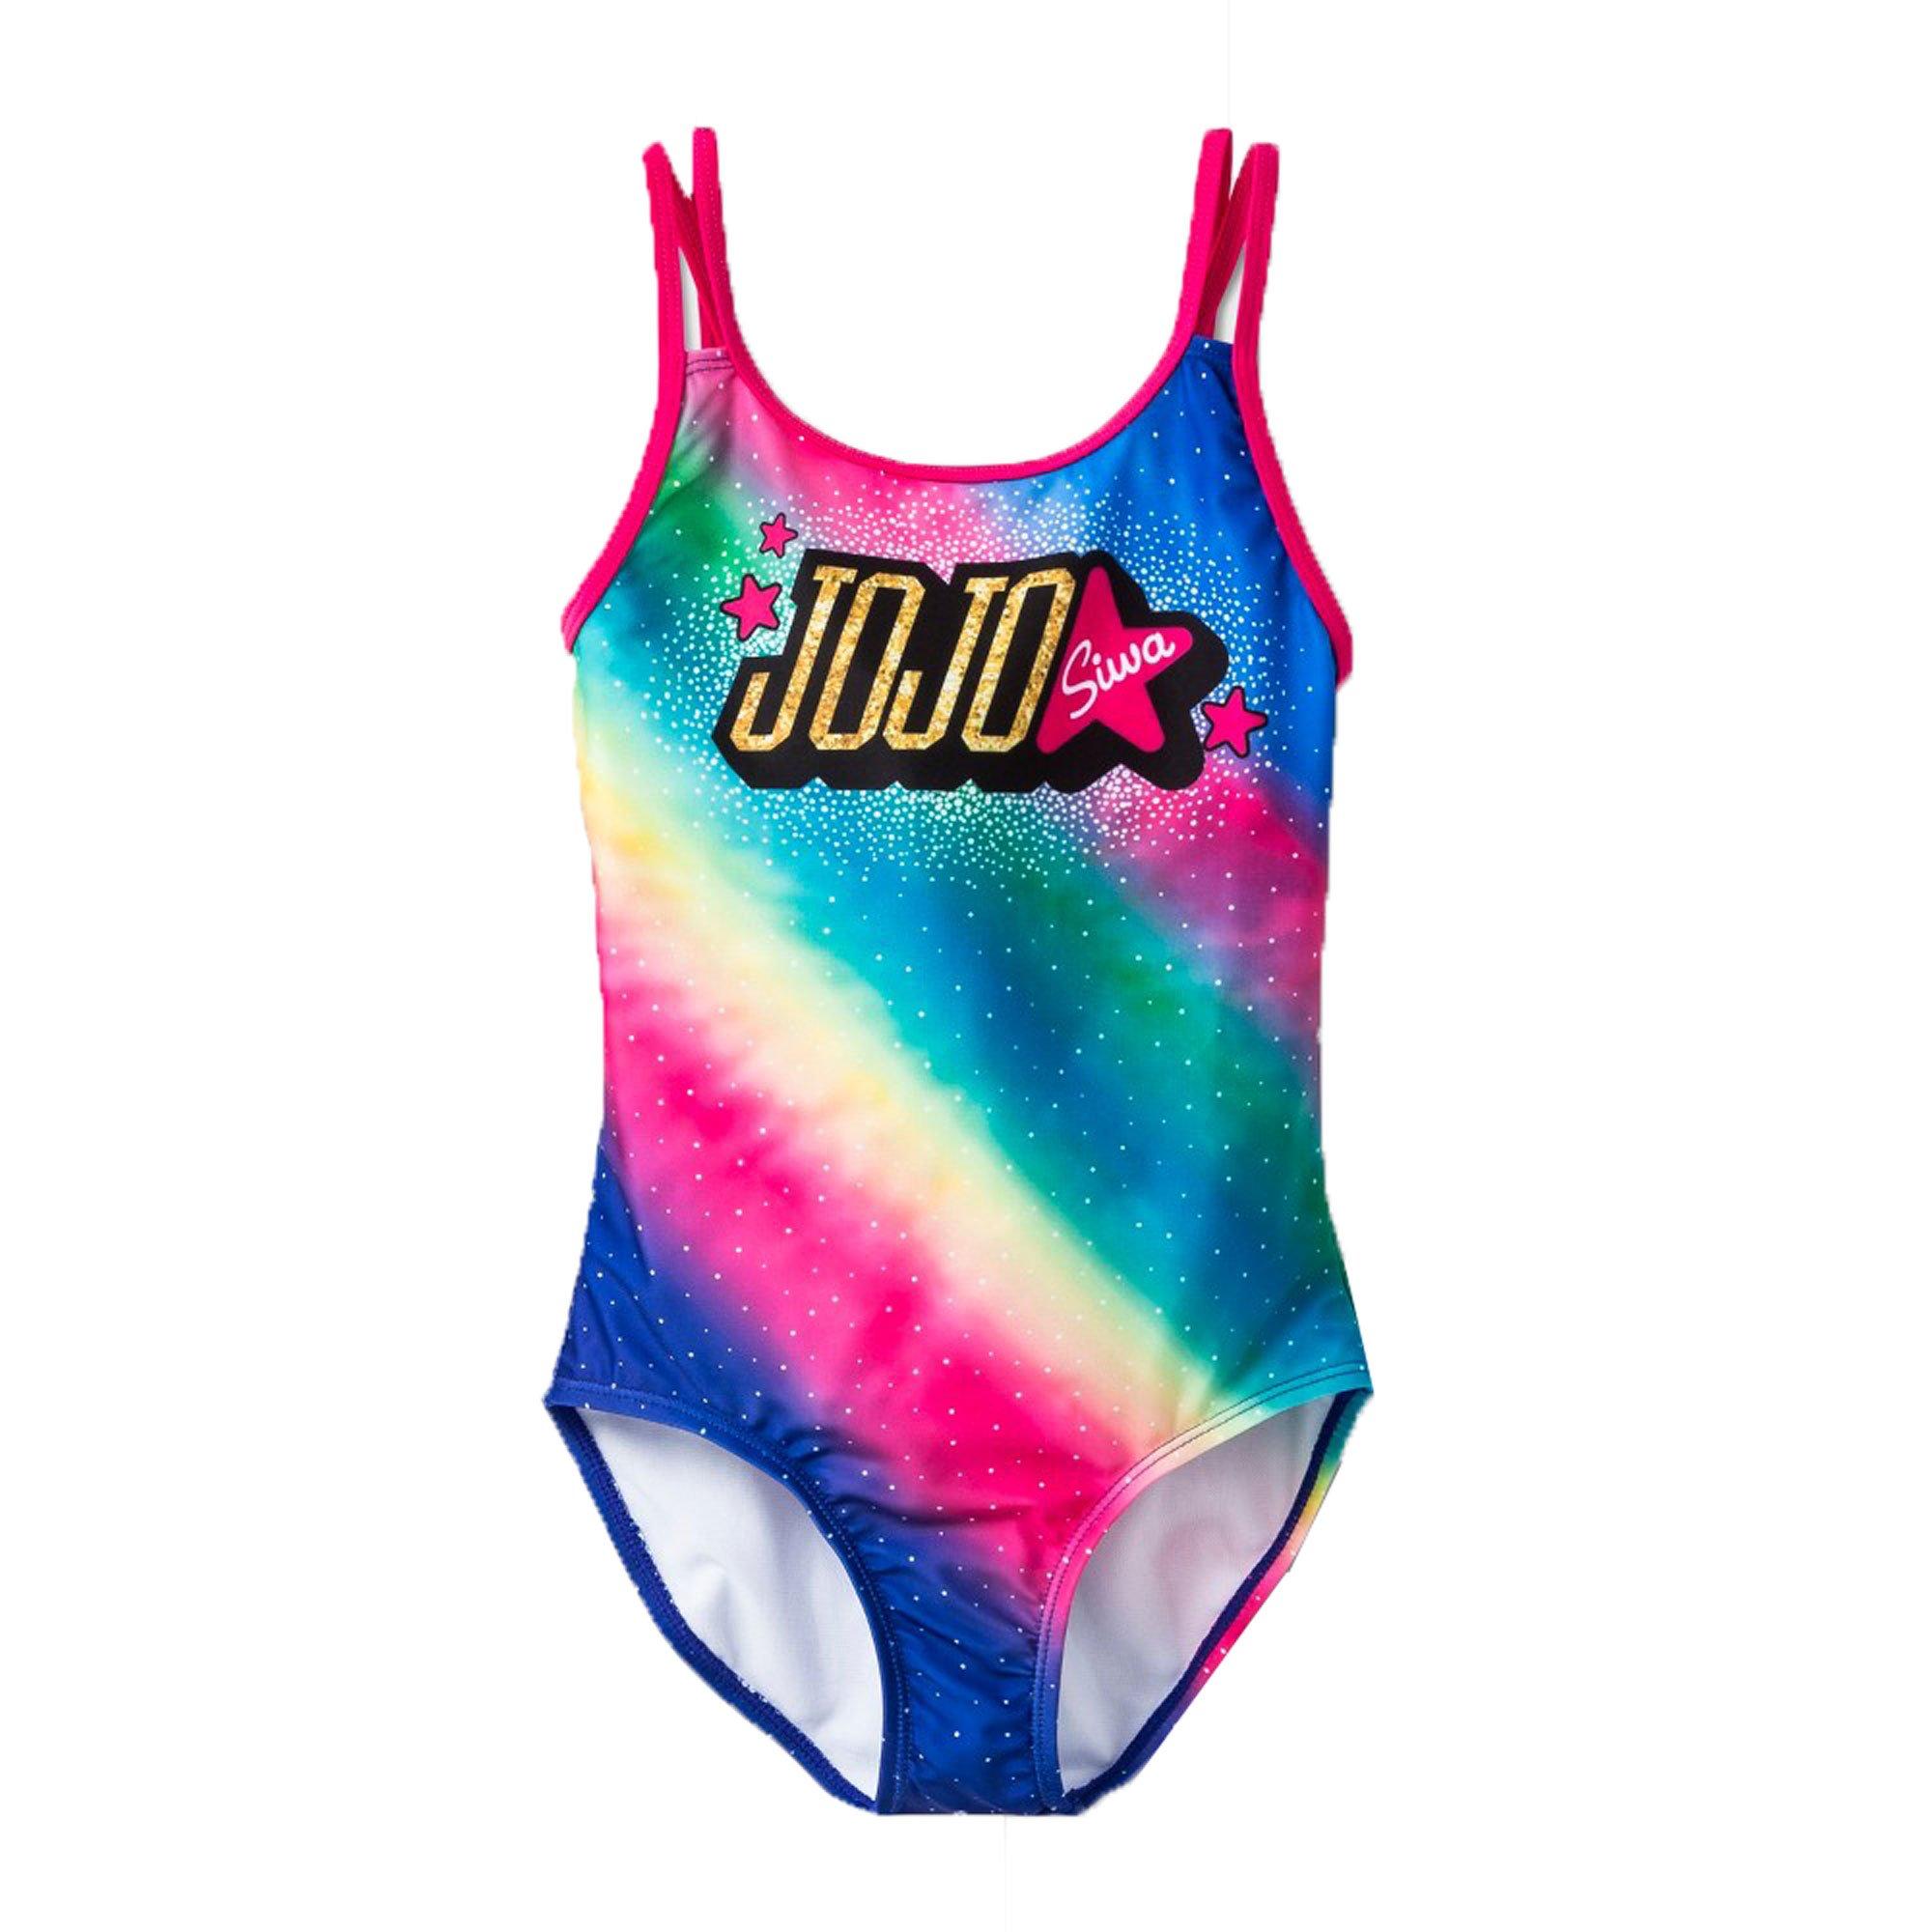 Jojo Siwa Girls One Piece Rainbow Swimsuit (Large 10-12) by Jojo Siwa